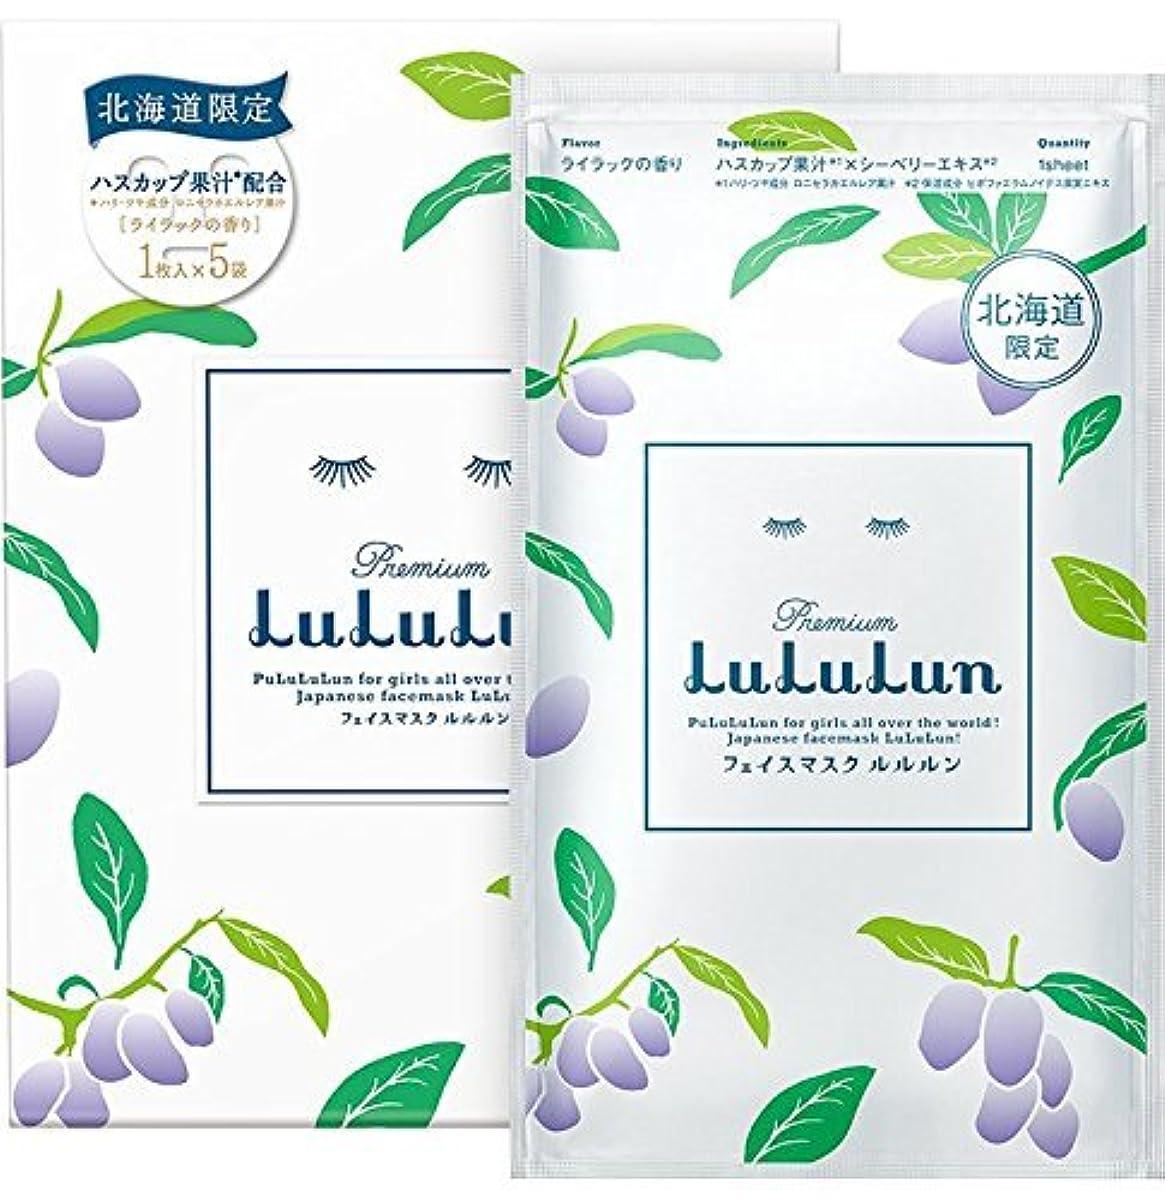 ダイバーばかパキスタン北海道のプレミアムルルルン(ライラックの香り)1枚入 × 5袋